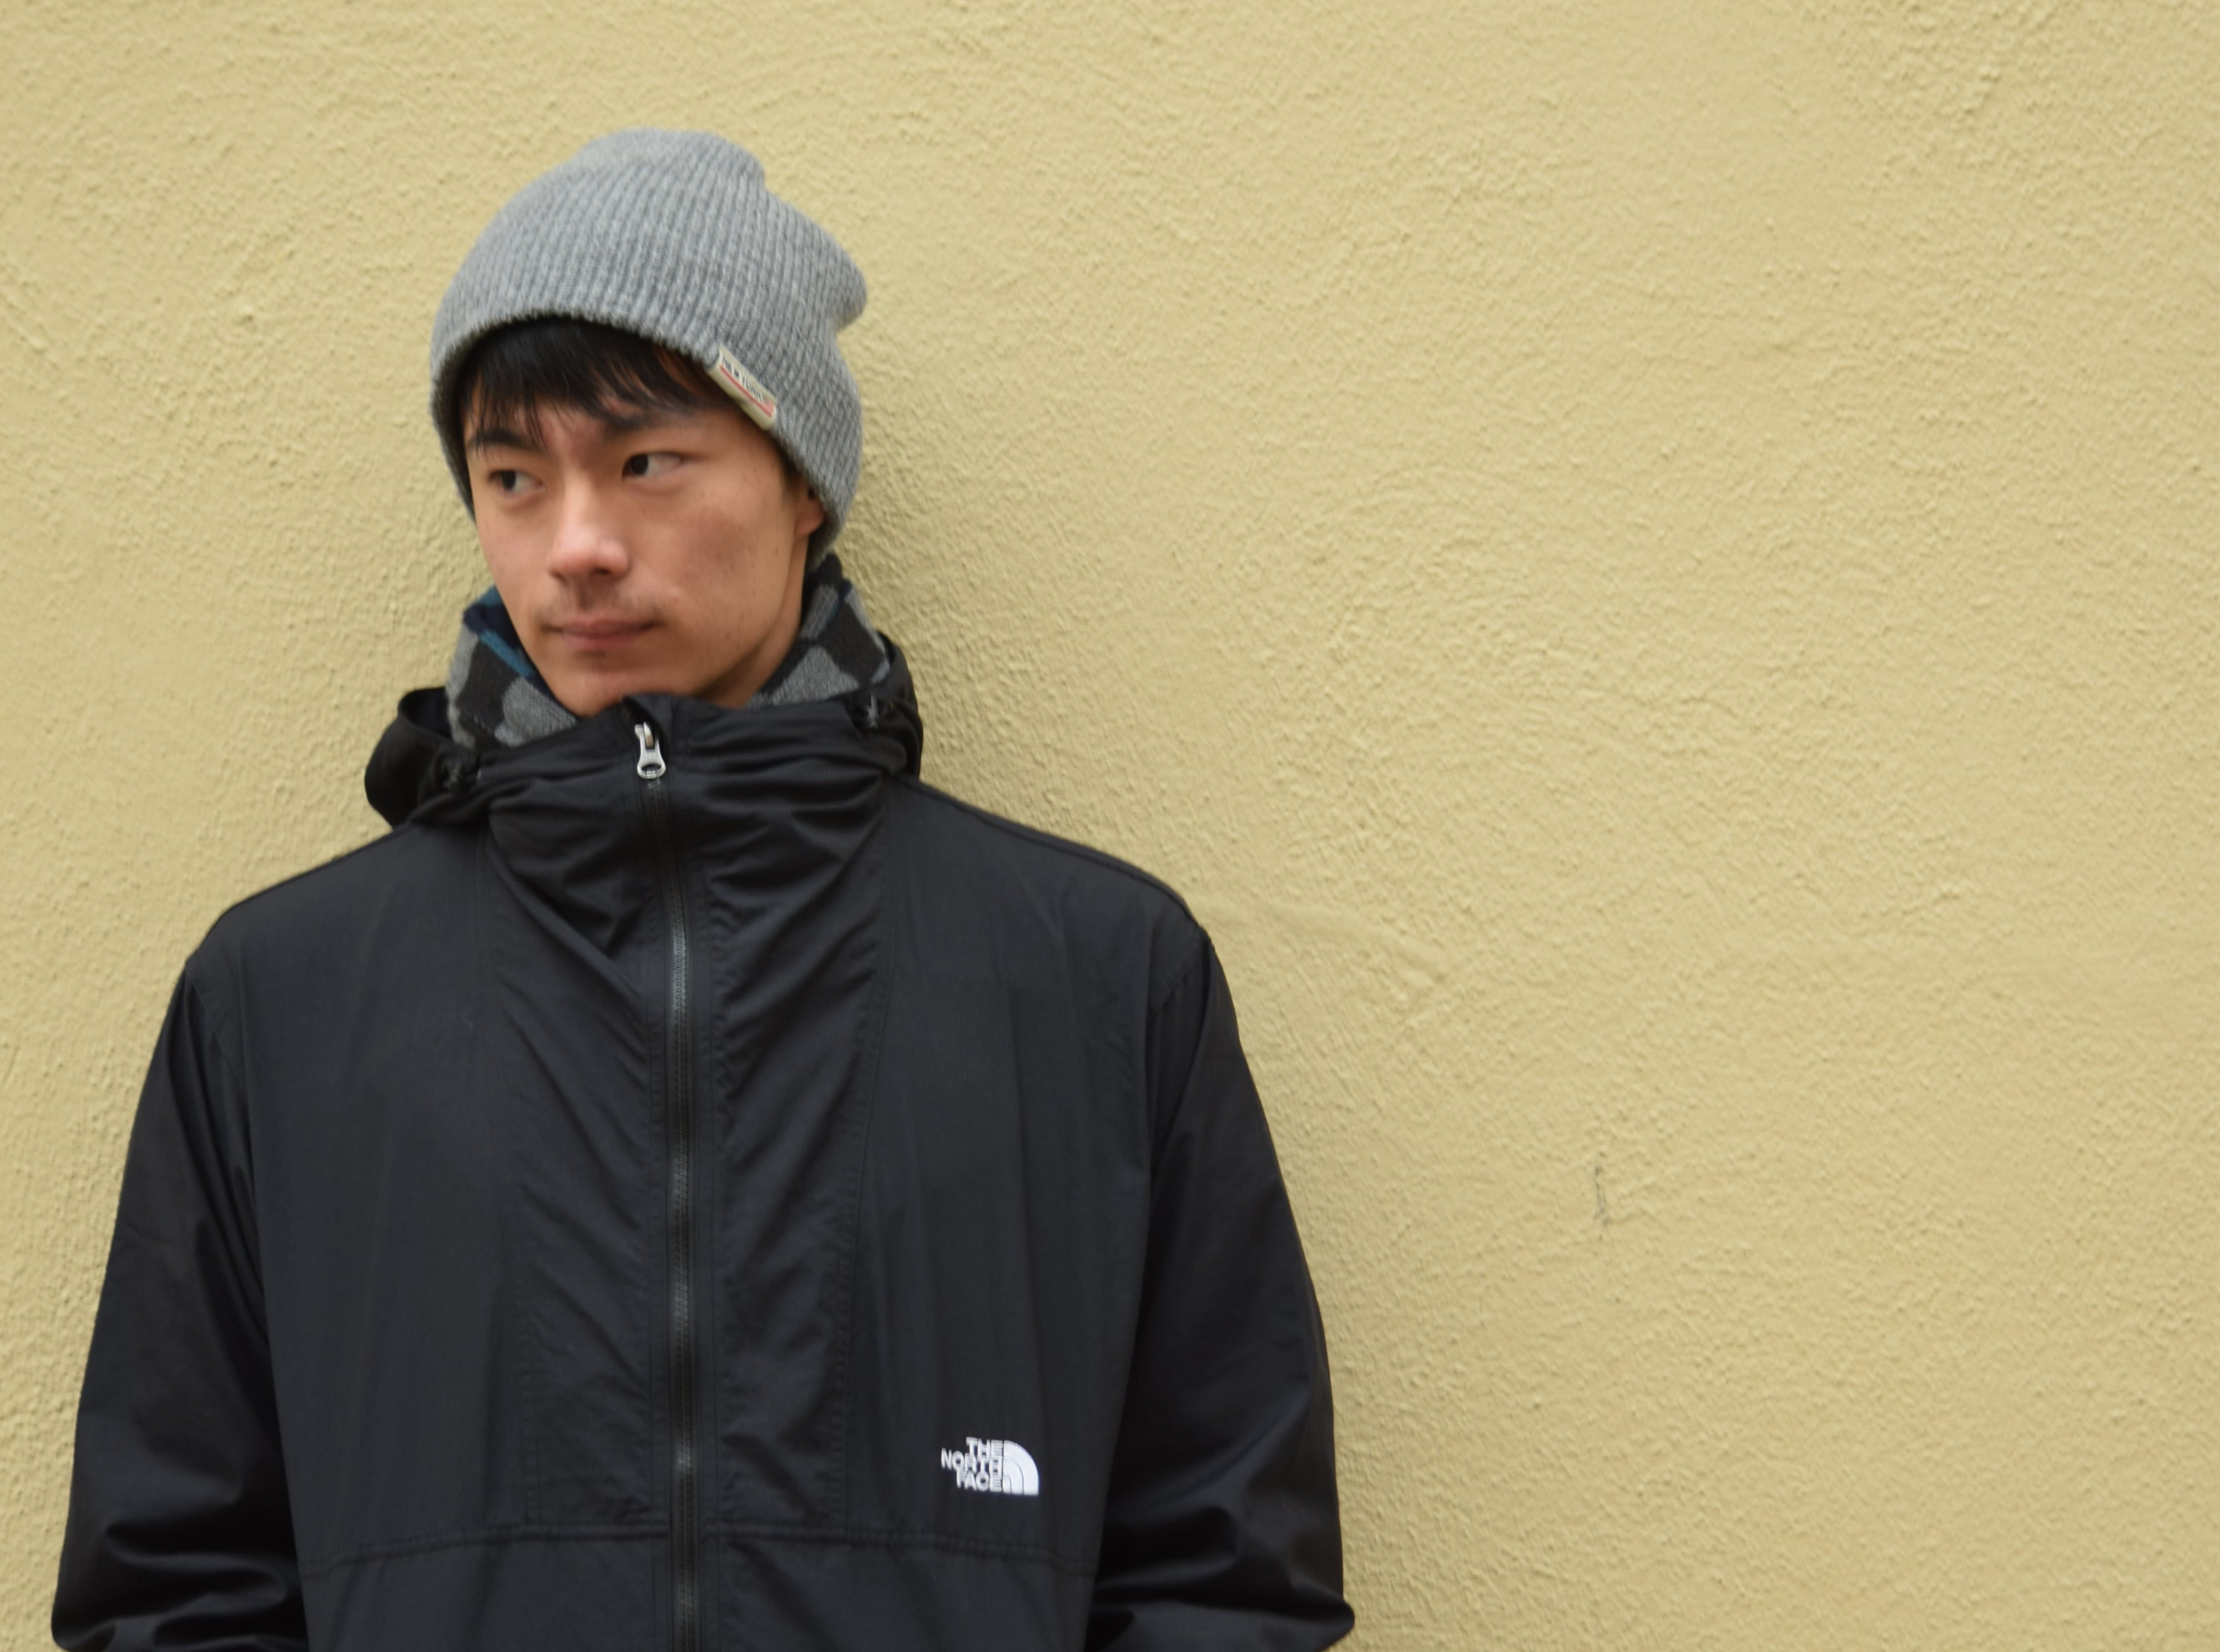 インターン生紹介#14 福井凌太郎さん